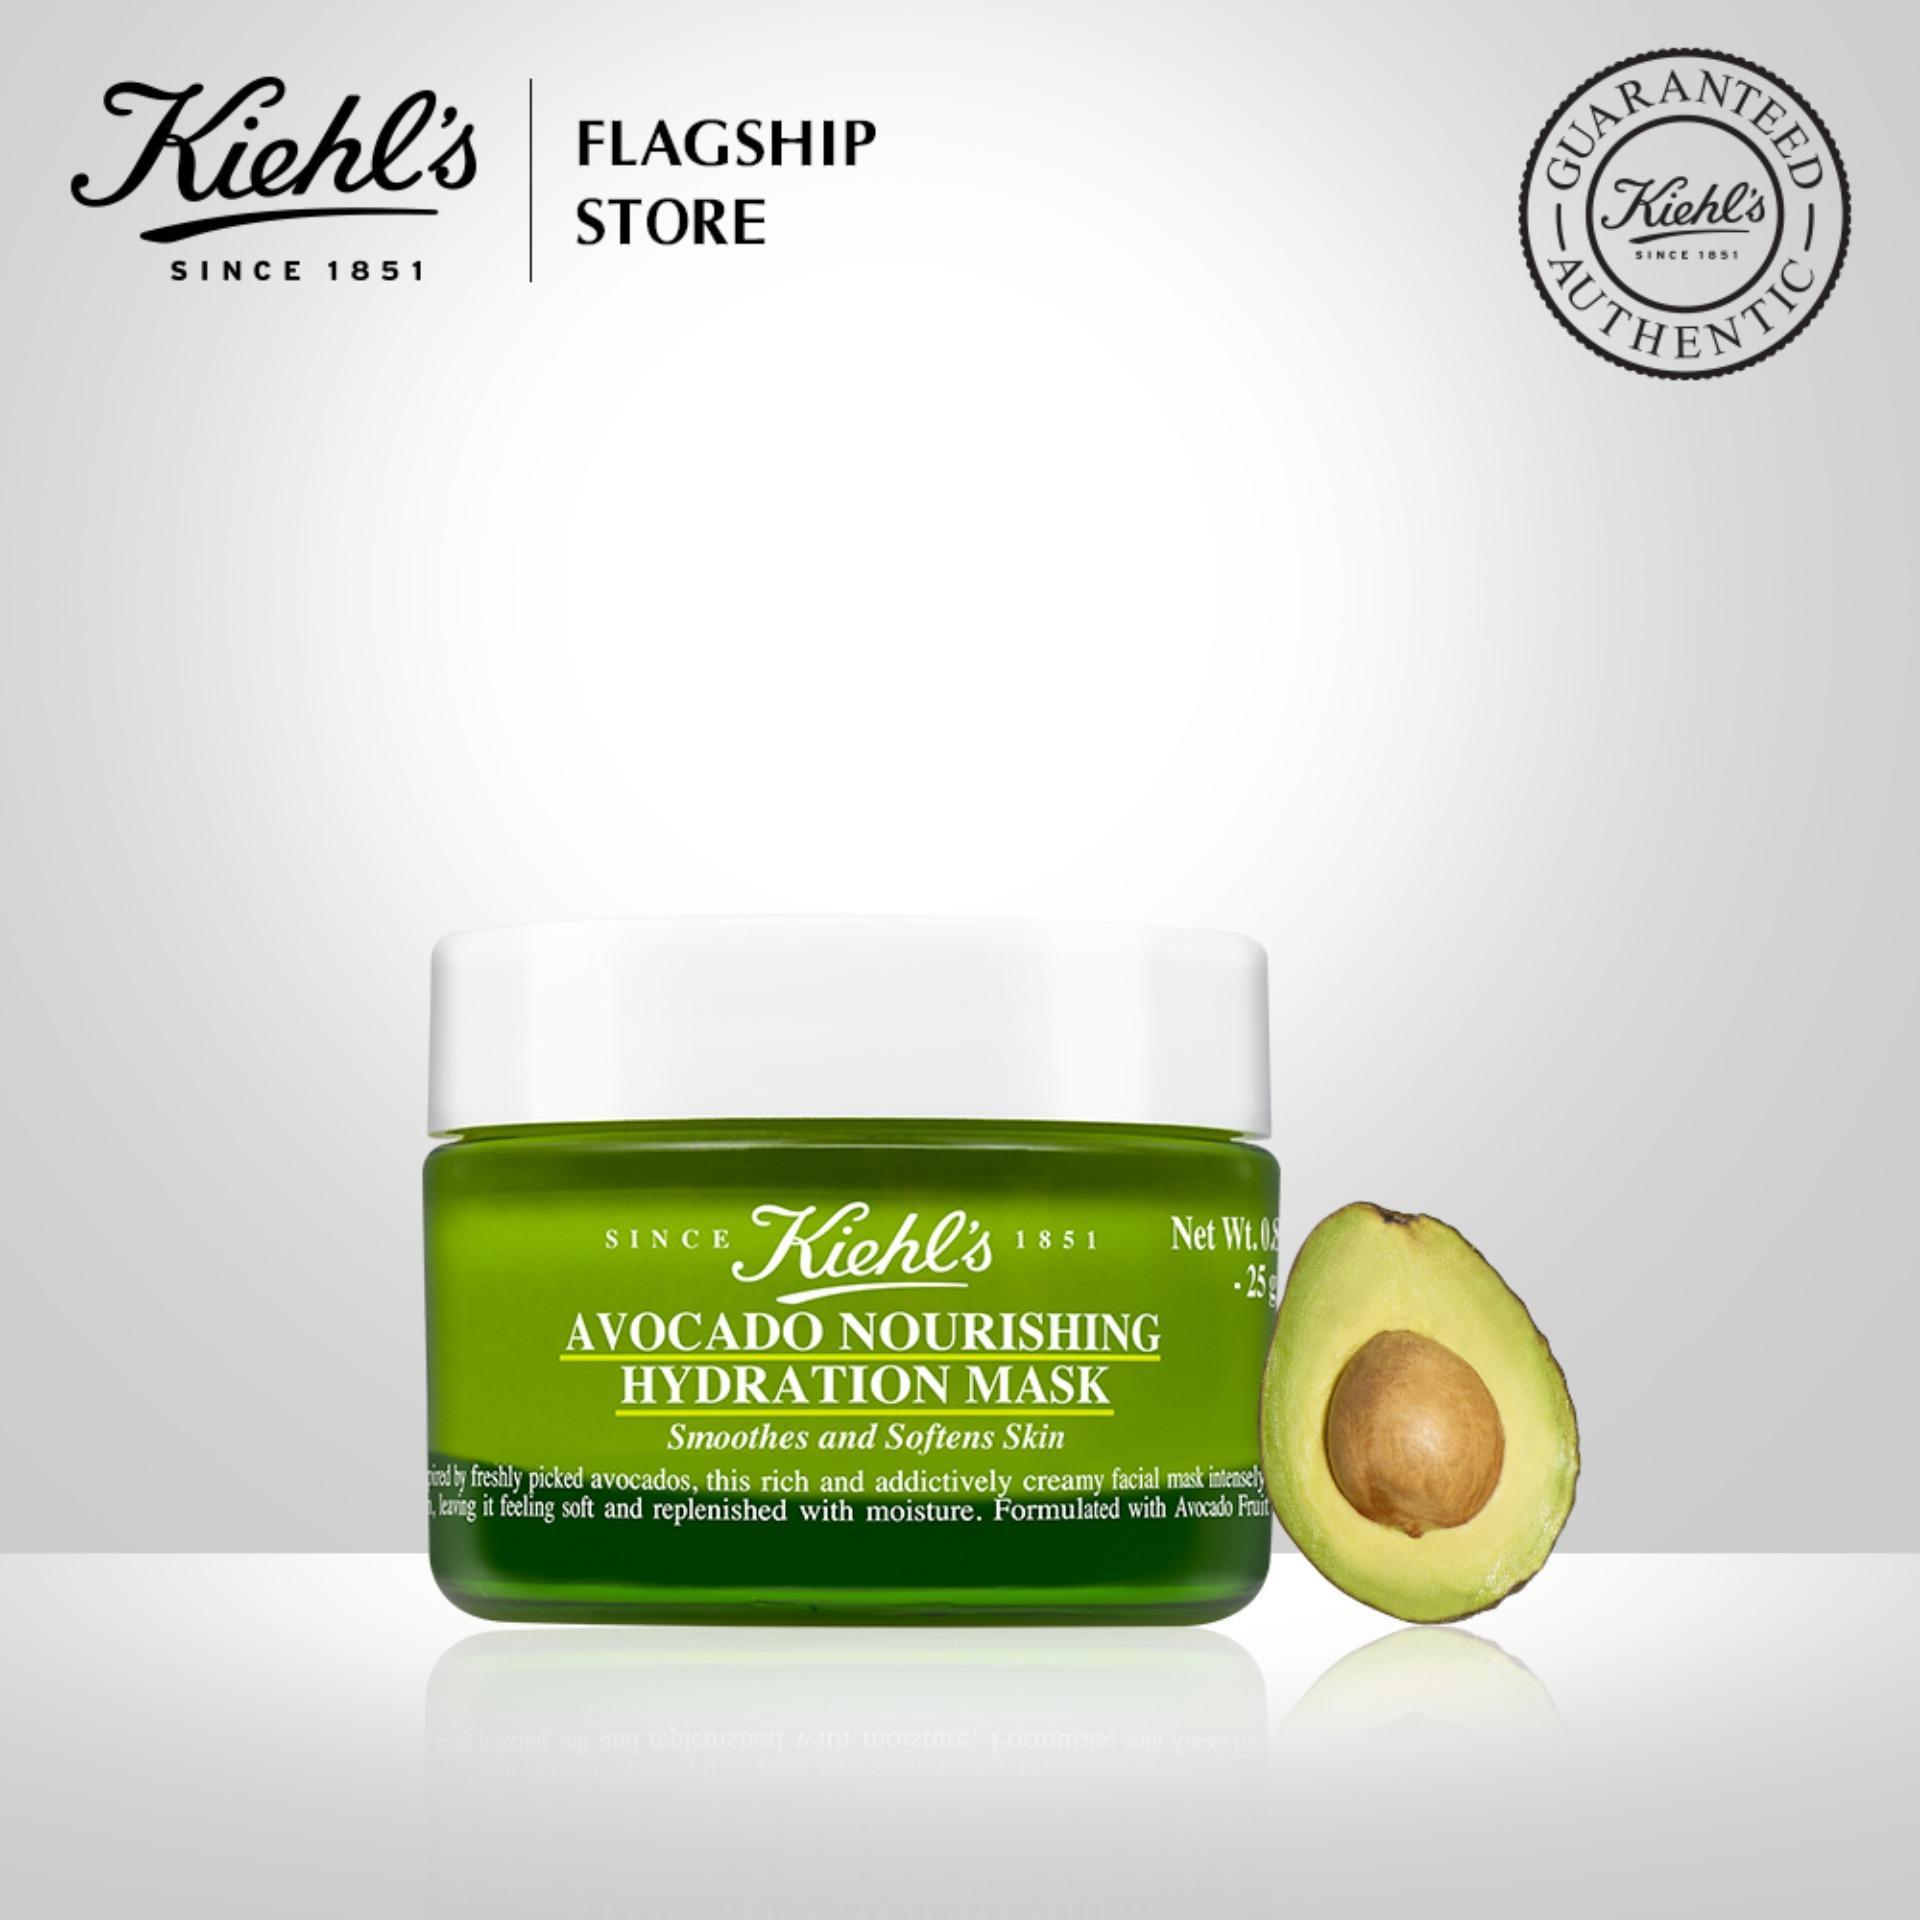 Mặt nạ dưỡng ẩm chiết xuất quả bơ Kiehls Avocado Nourishing Hydration Mask 28ML chính hãng